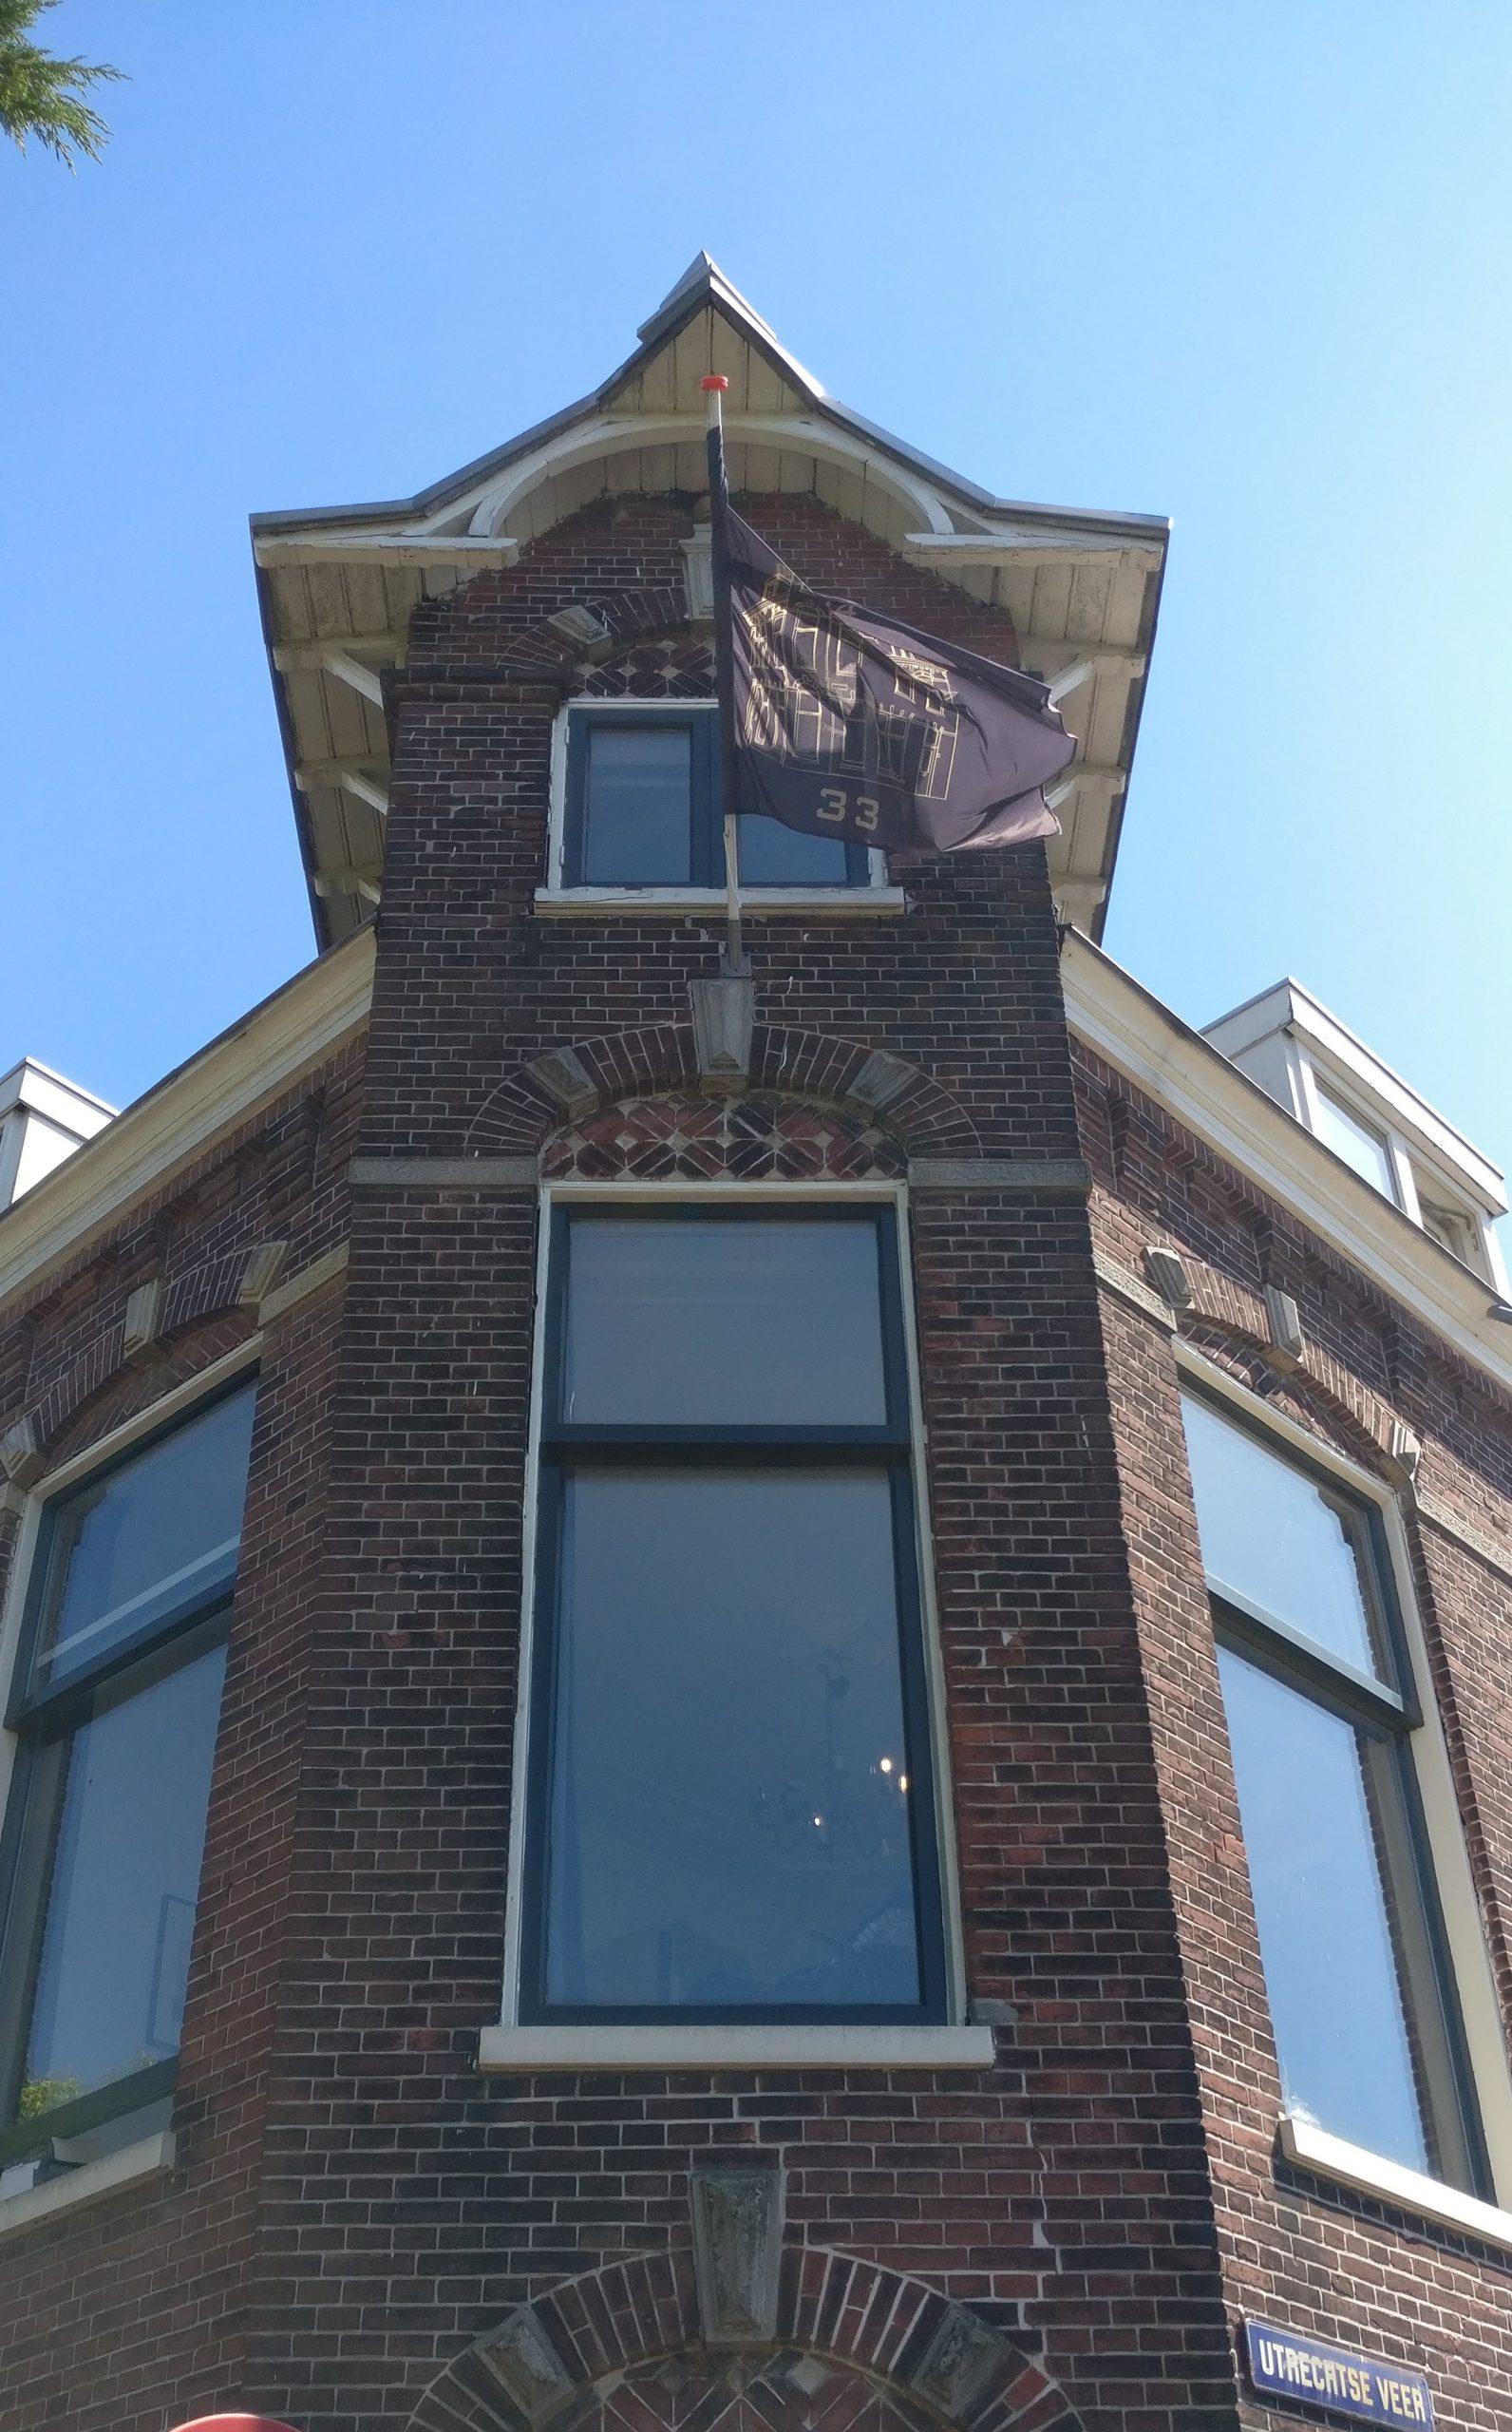 Utrechtse Veer 33